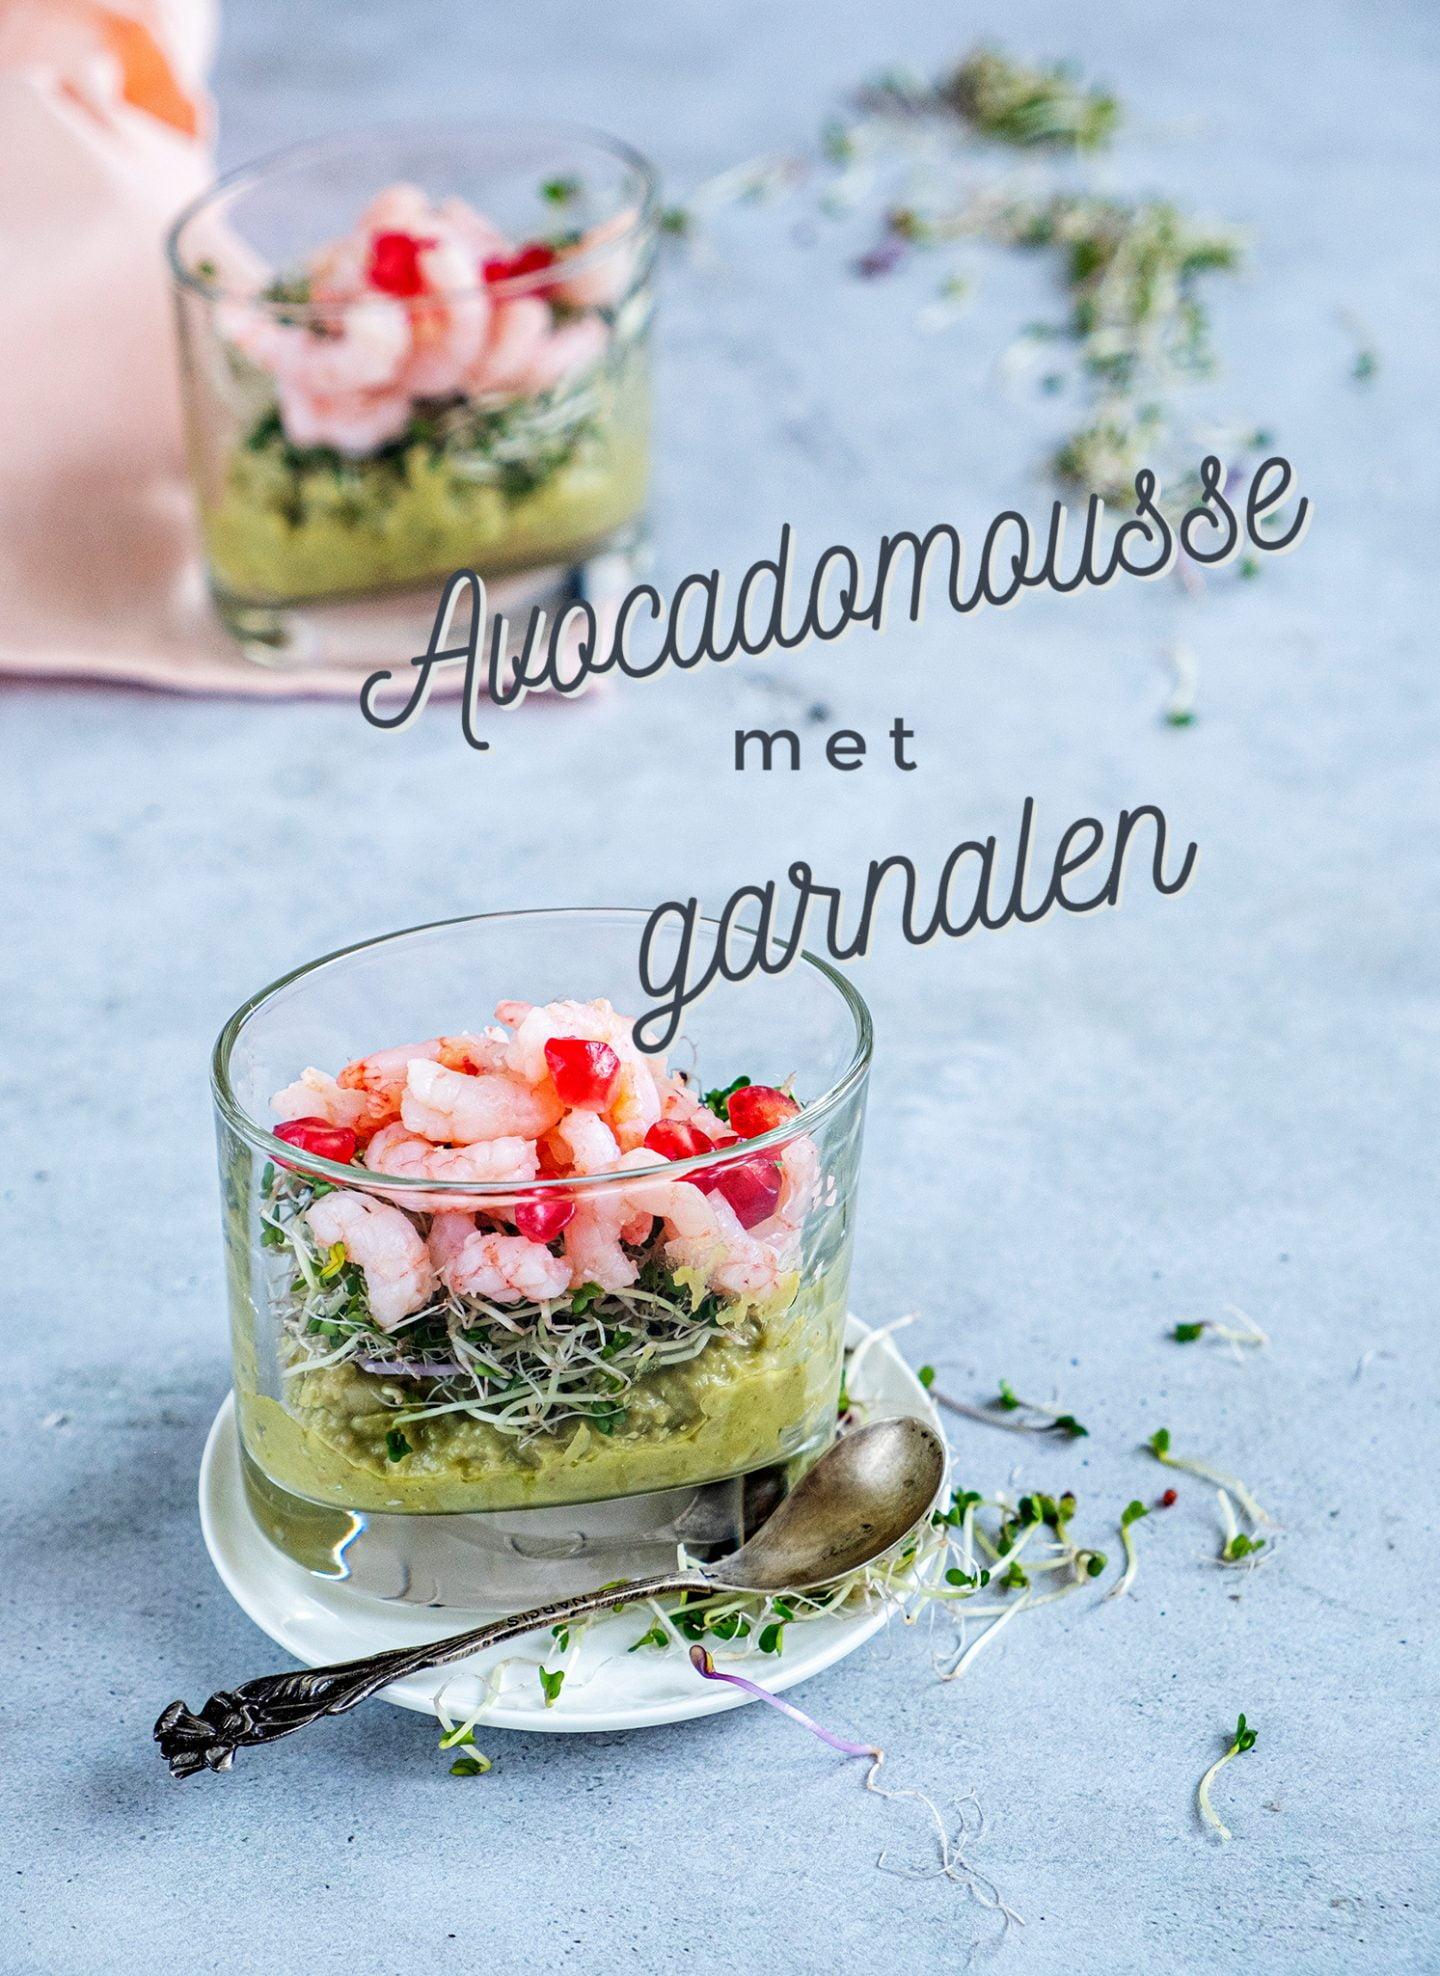 Avocadomousse met garnalen - Voorgerecht